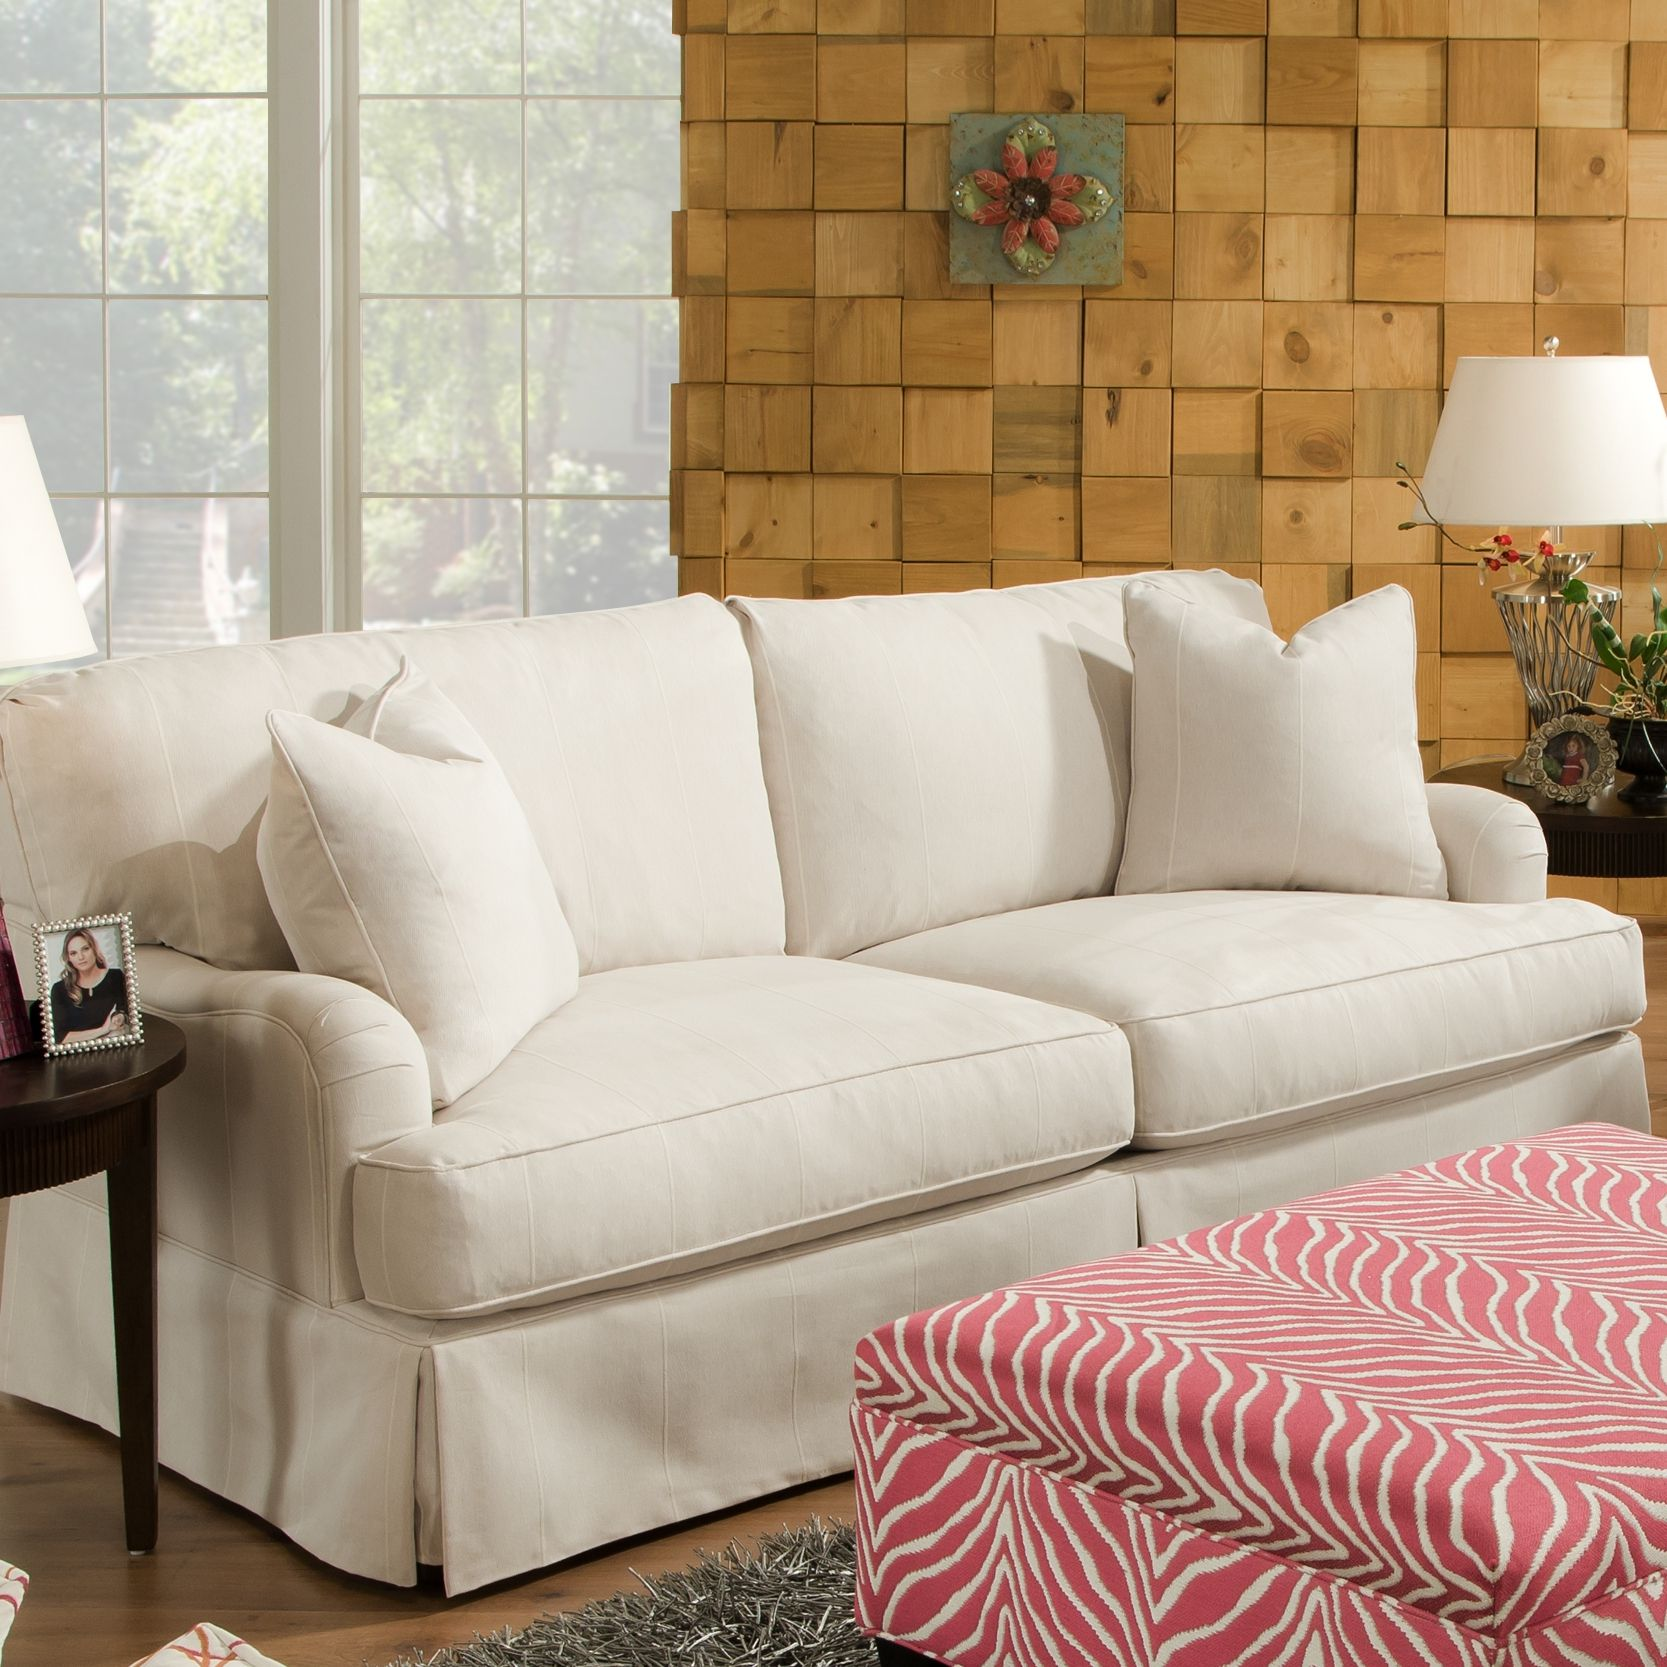 Bauhaus usa campbell fabric sofa decoration pinterest fabric